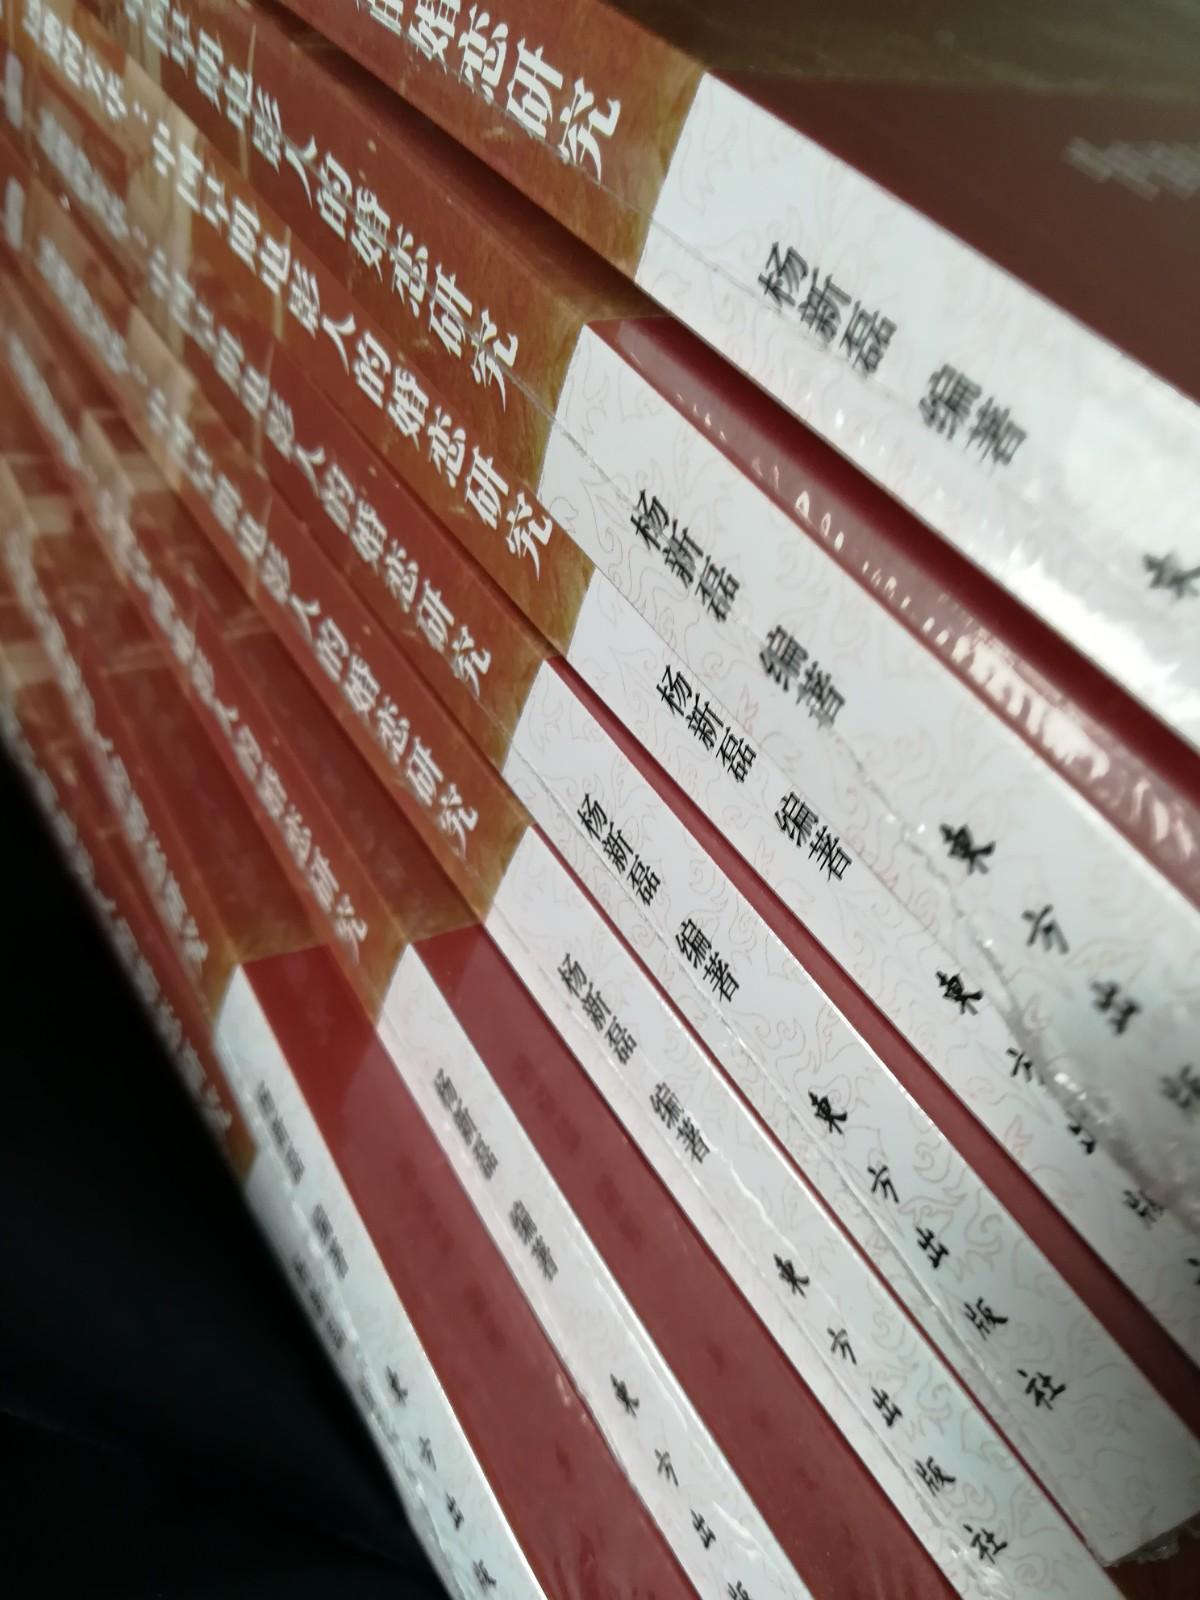 杨新磊教授学术专著《远逝的芳华:中国早期电影人的婚恋研究》出版 ... ... ..._图1-2